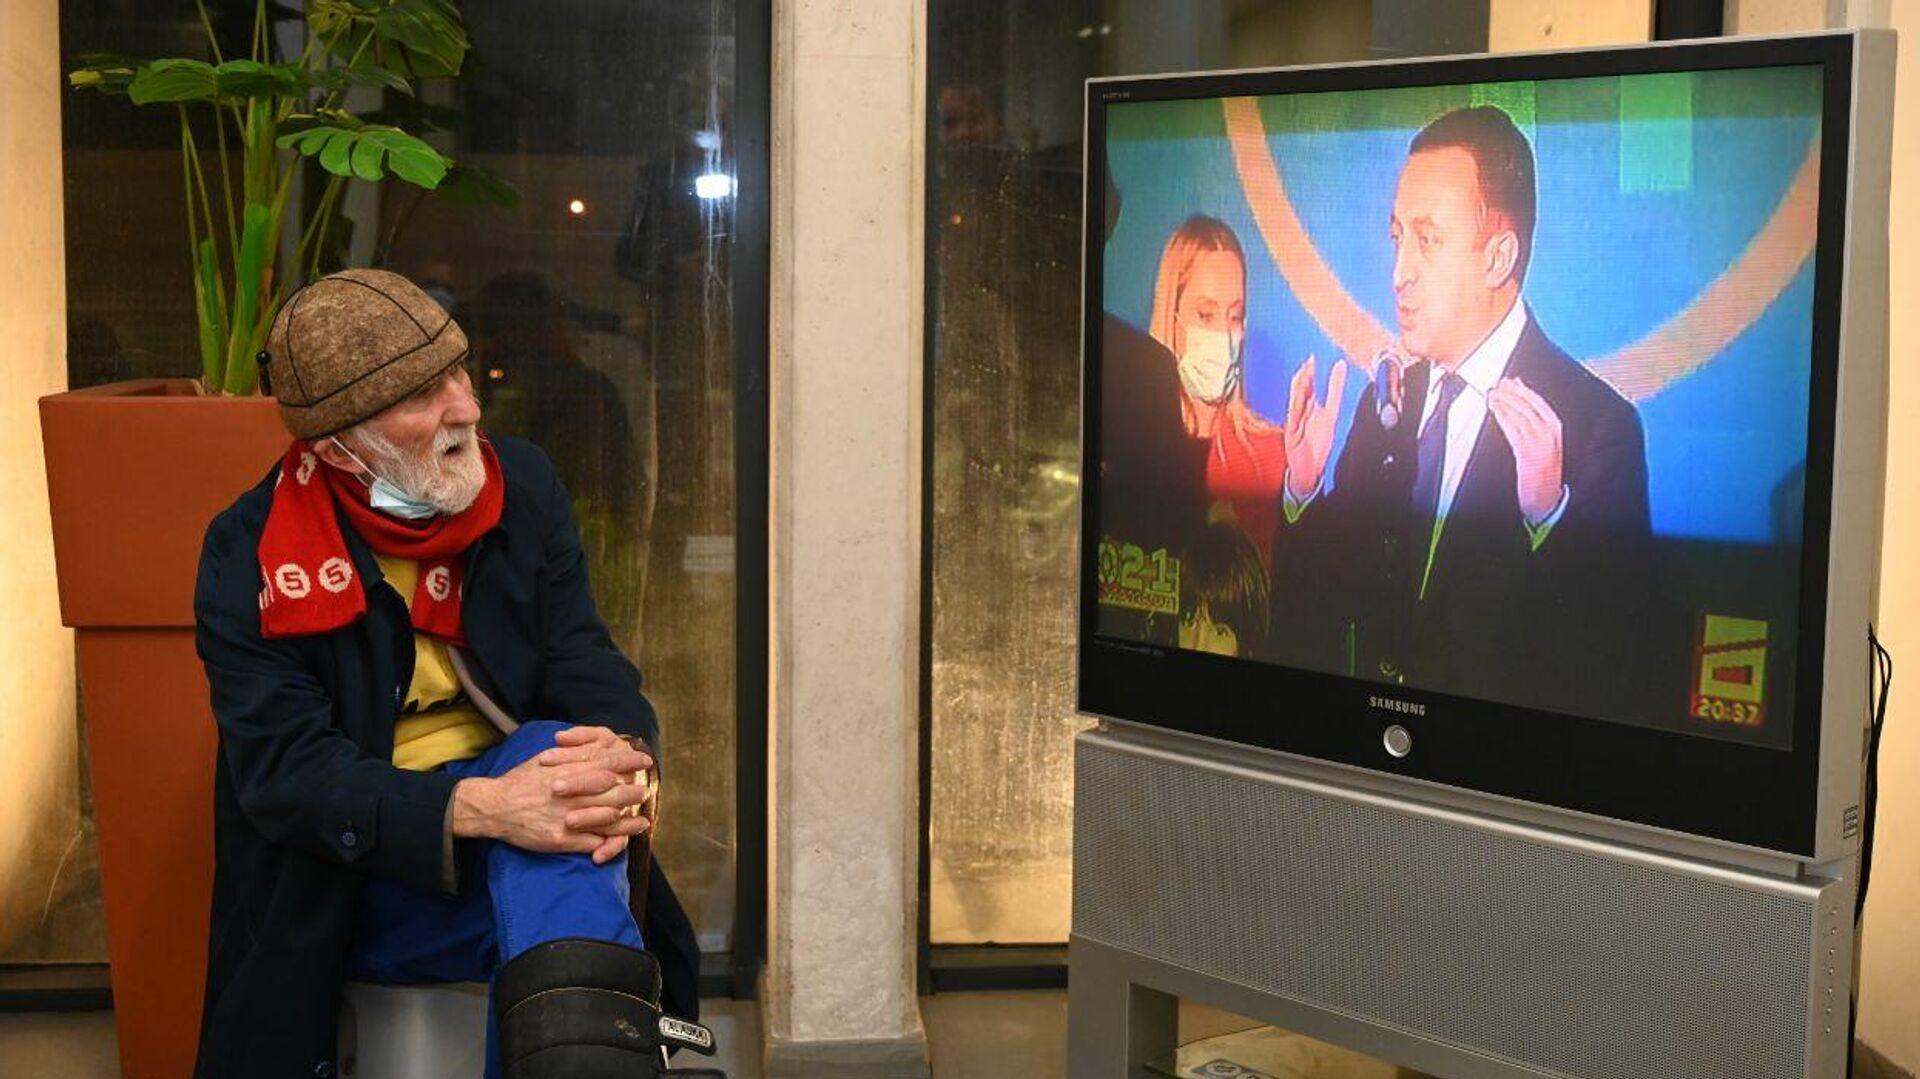 Дедушка в офисе ЕНД смотрит выступление Ираклия Гарибашвили после выборов - Sputnik Грузия, 1920, 03.10.2021